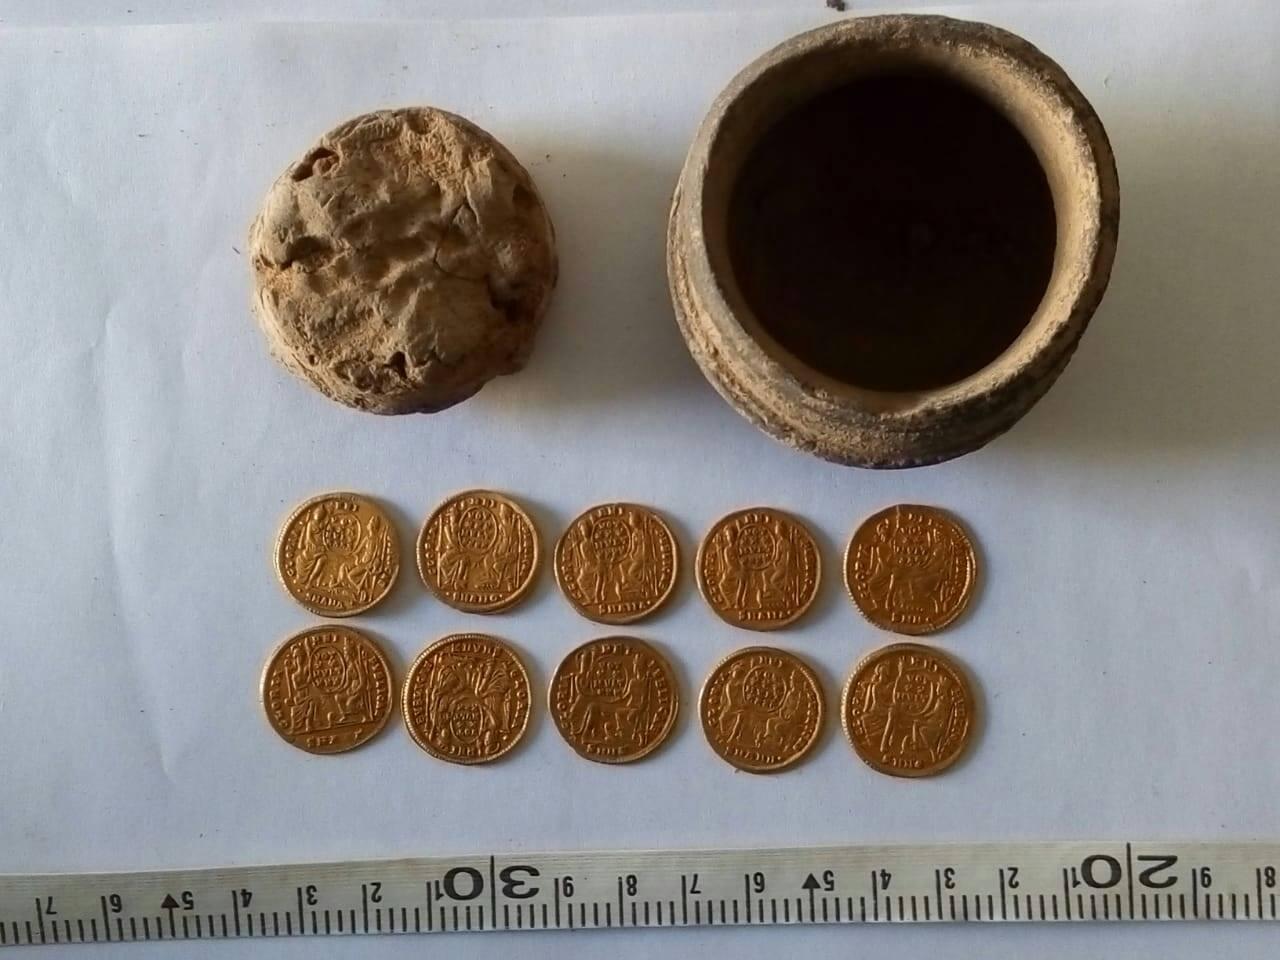 monedas-constancio-bizantinas